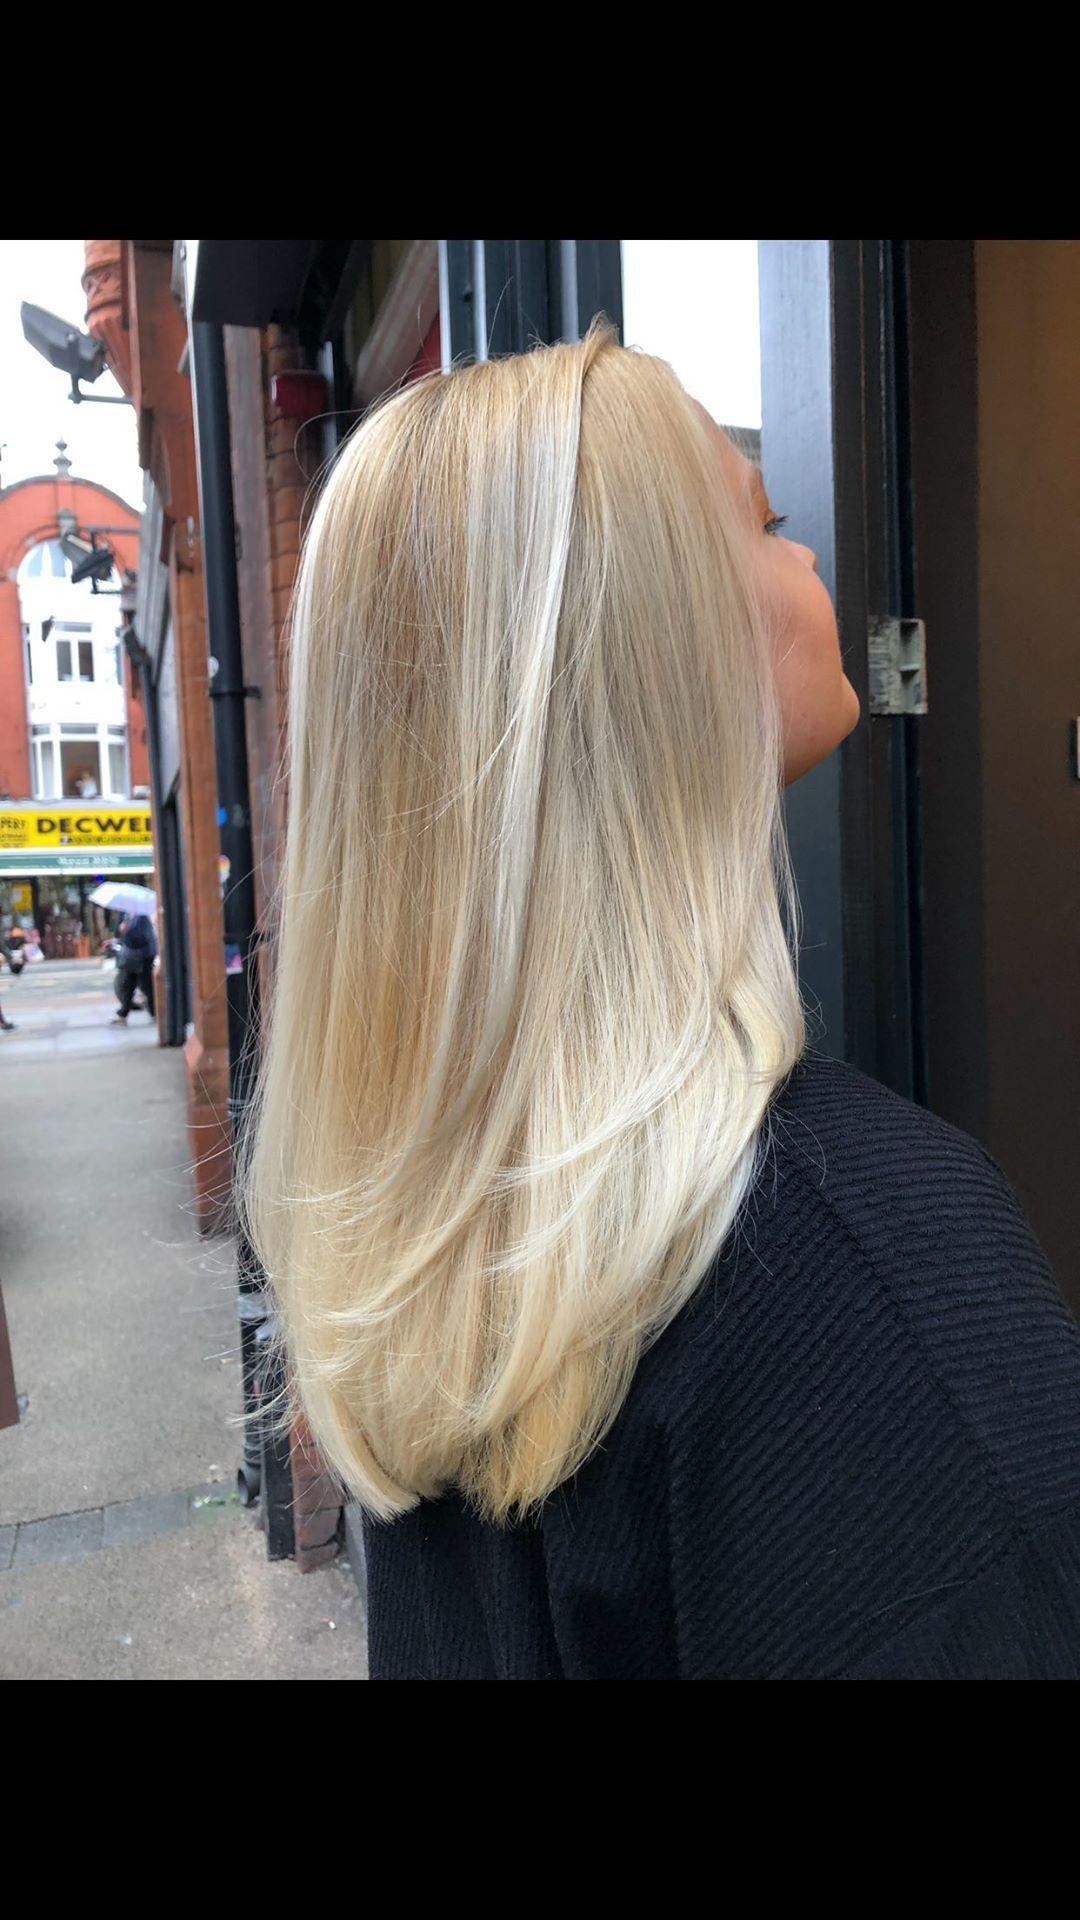 Blonde hair after first salon treatment